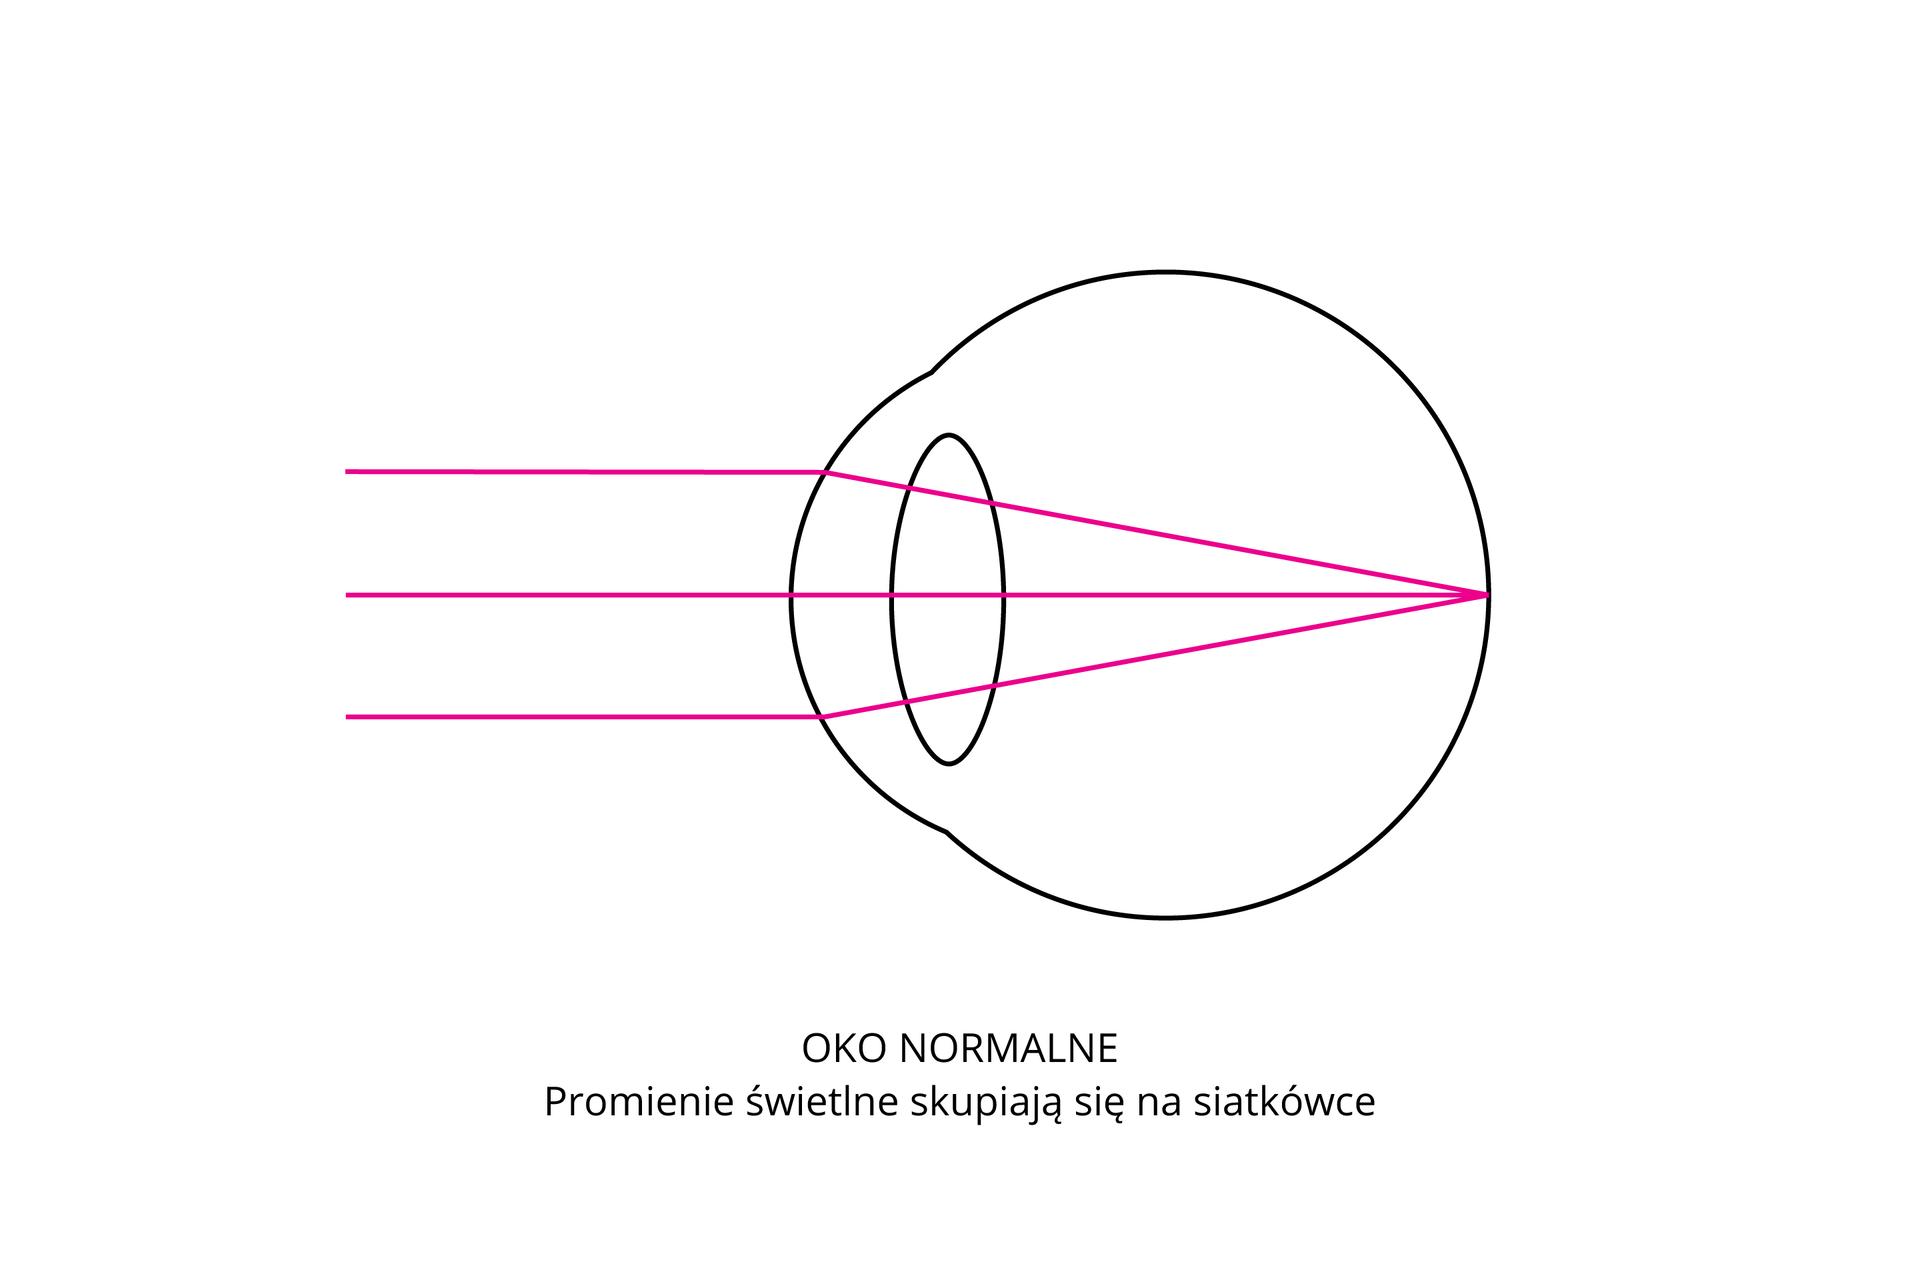 Wgalerii są rysunki, ilustrujące wady wzroku isposoby ich korekcji. Ilustracja przedstawia oko normalne. Różowe promienie świetlne skupiają się na siatkówce.